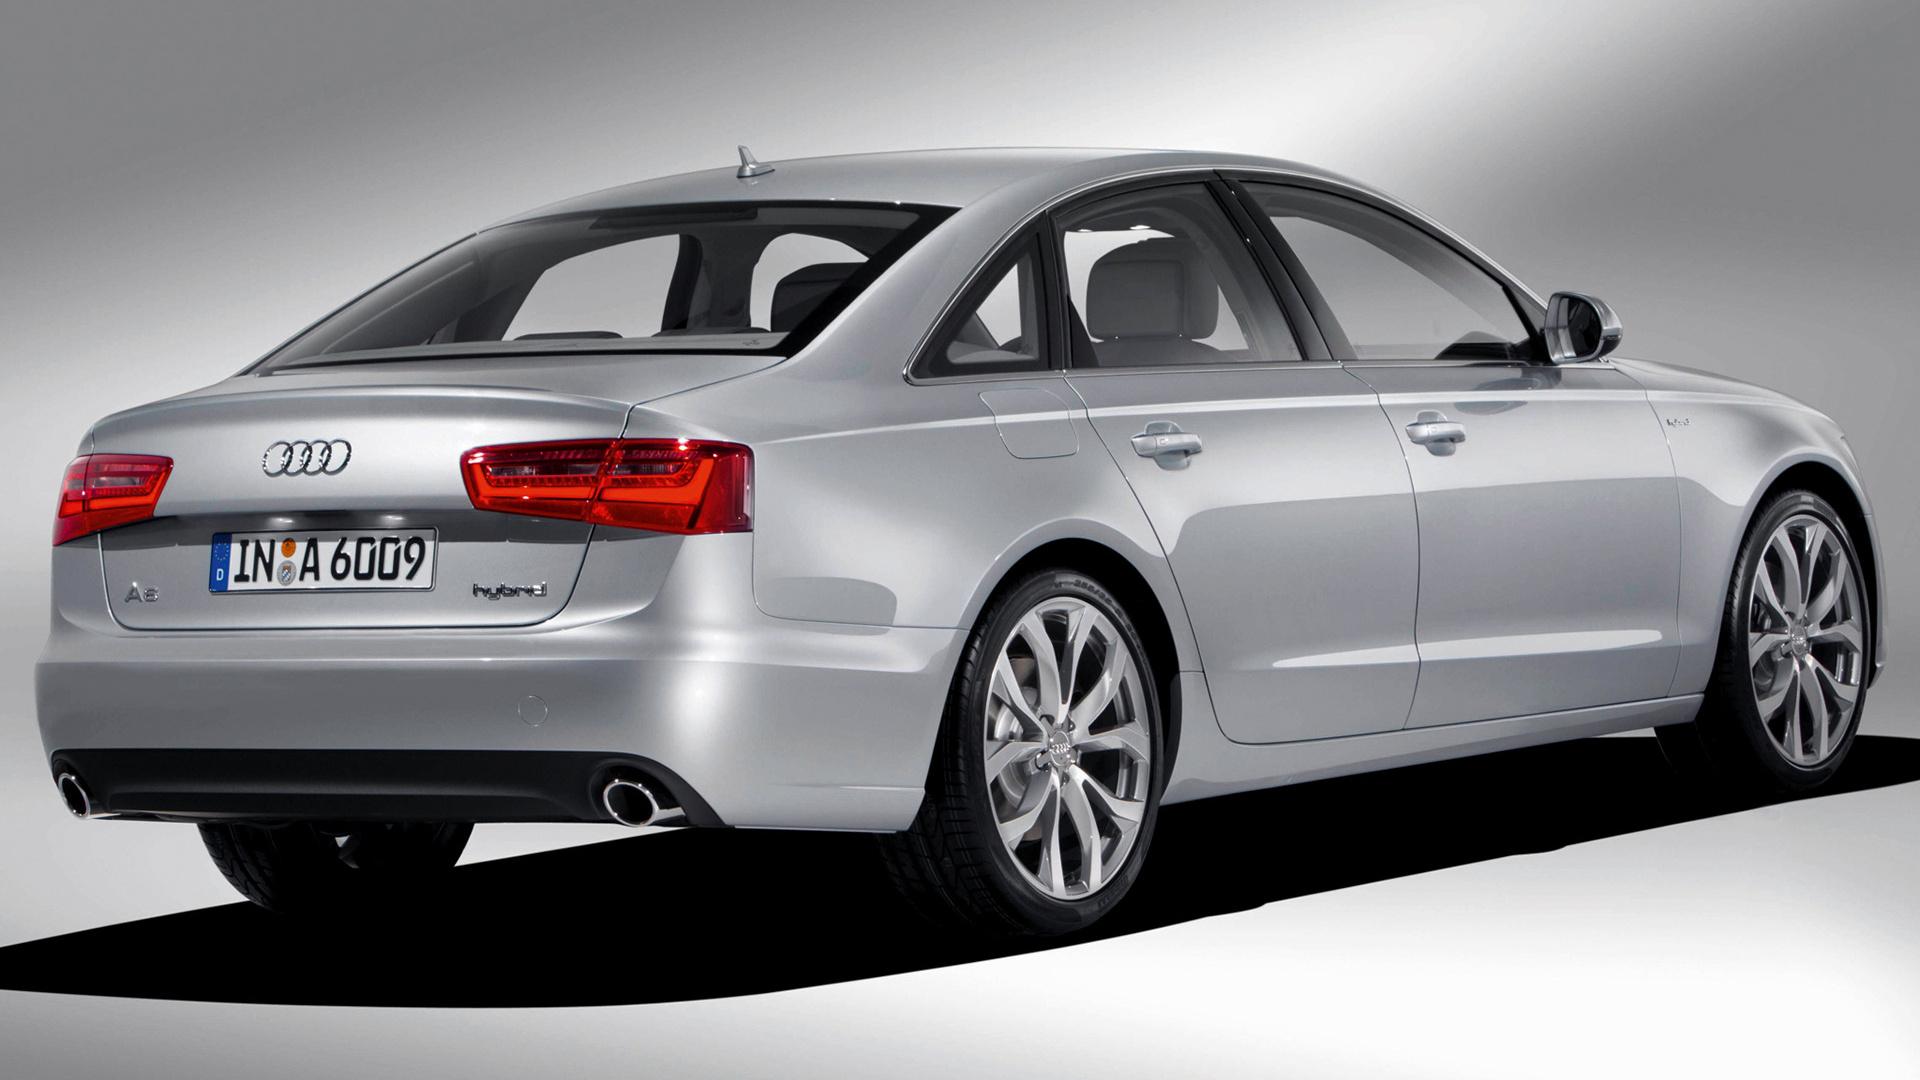 Audi A6 - технические характеристики и комплектации